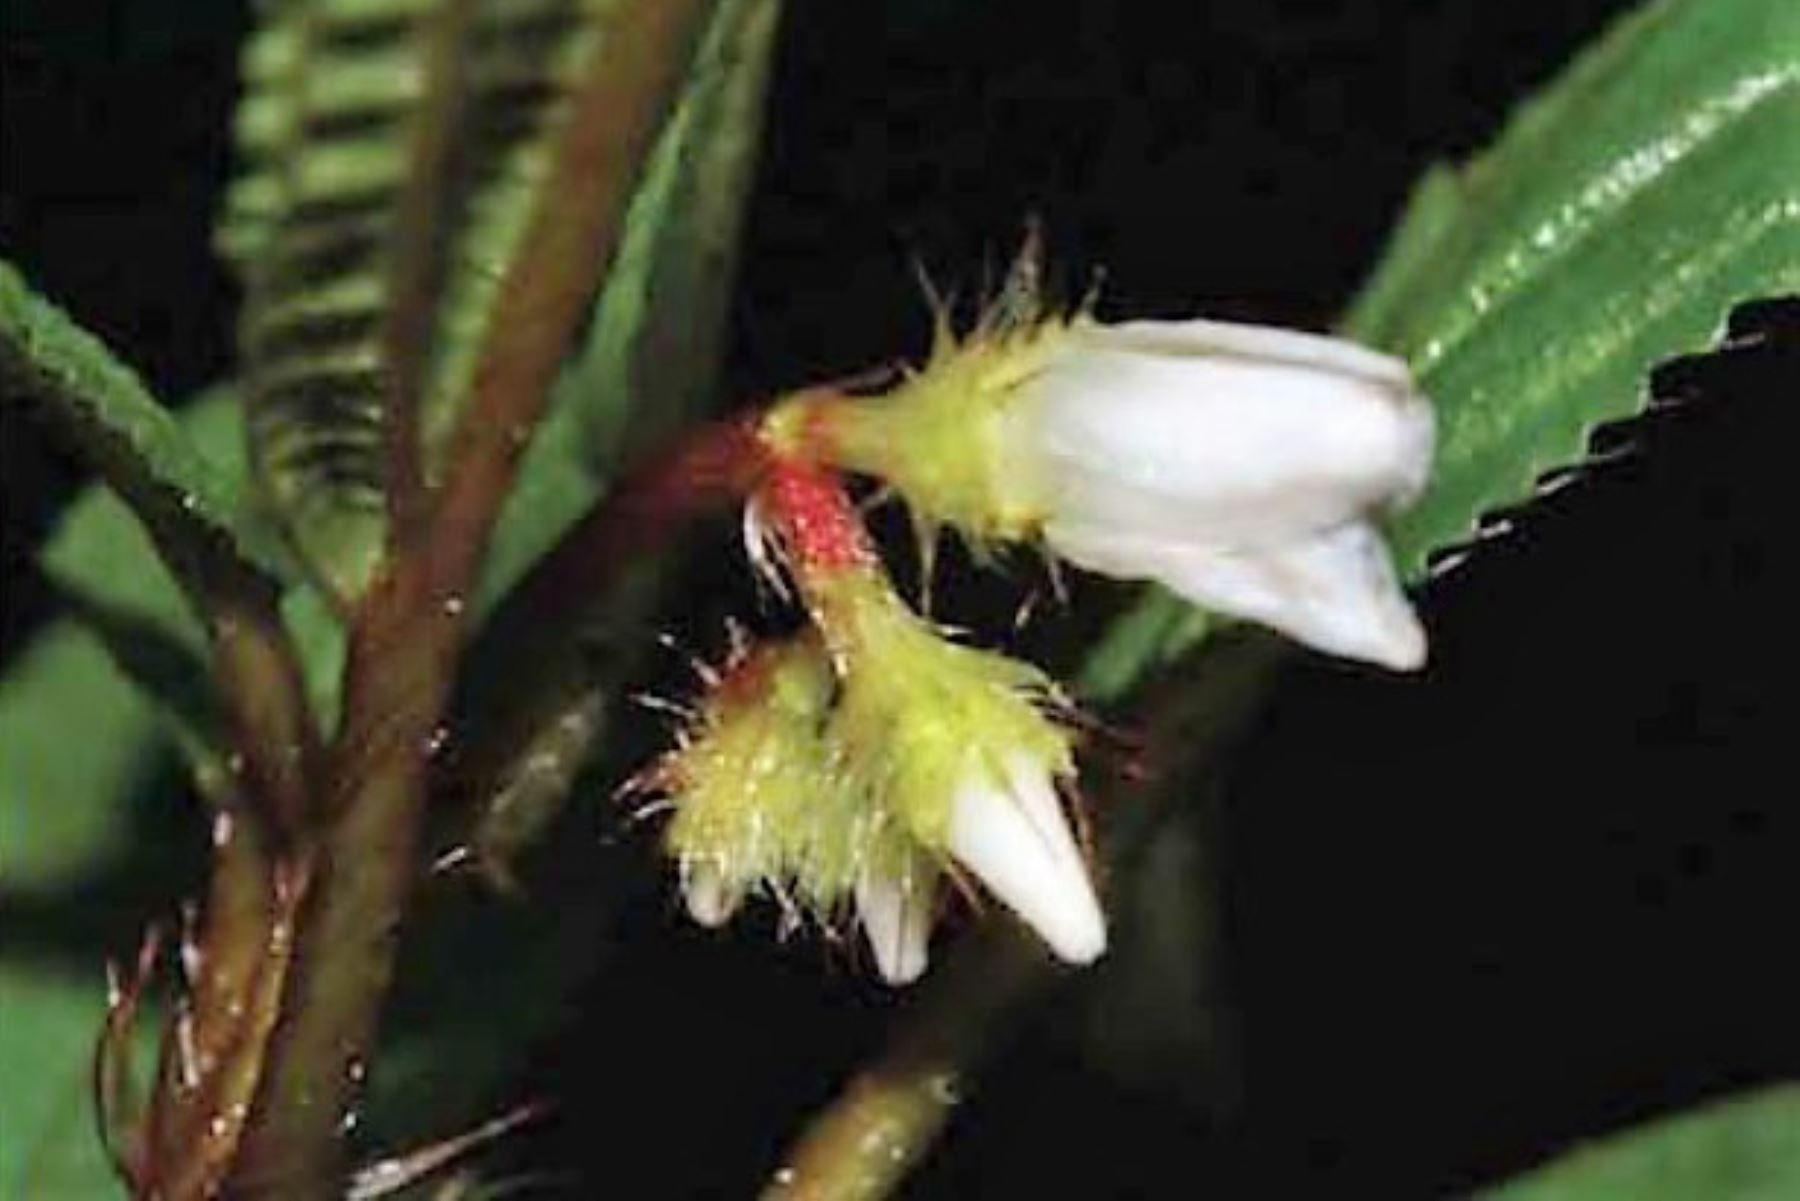 Descubren seis nuevas especies de plantas en el Parque Nacional Yanachaga Chemillén, ubicado en Pasco. Foto: Sernanp